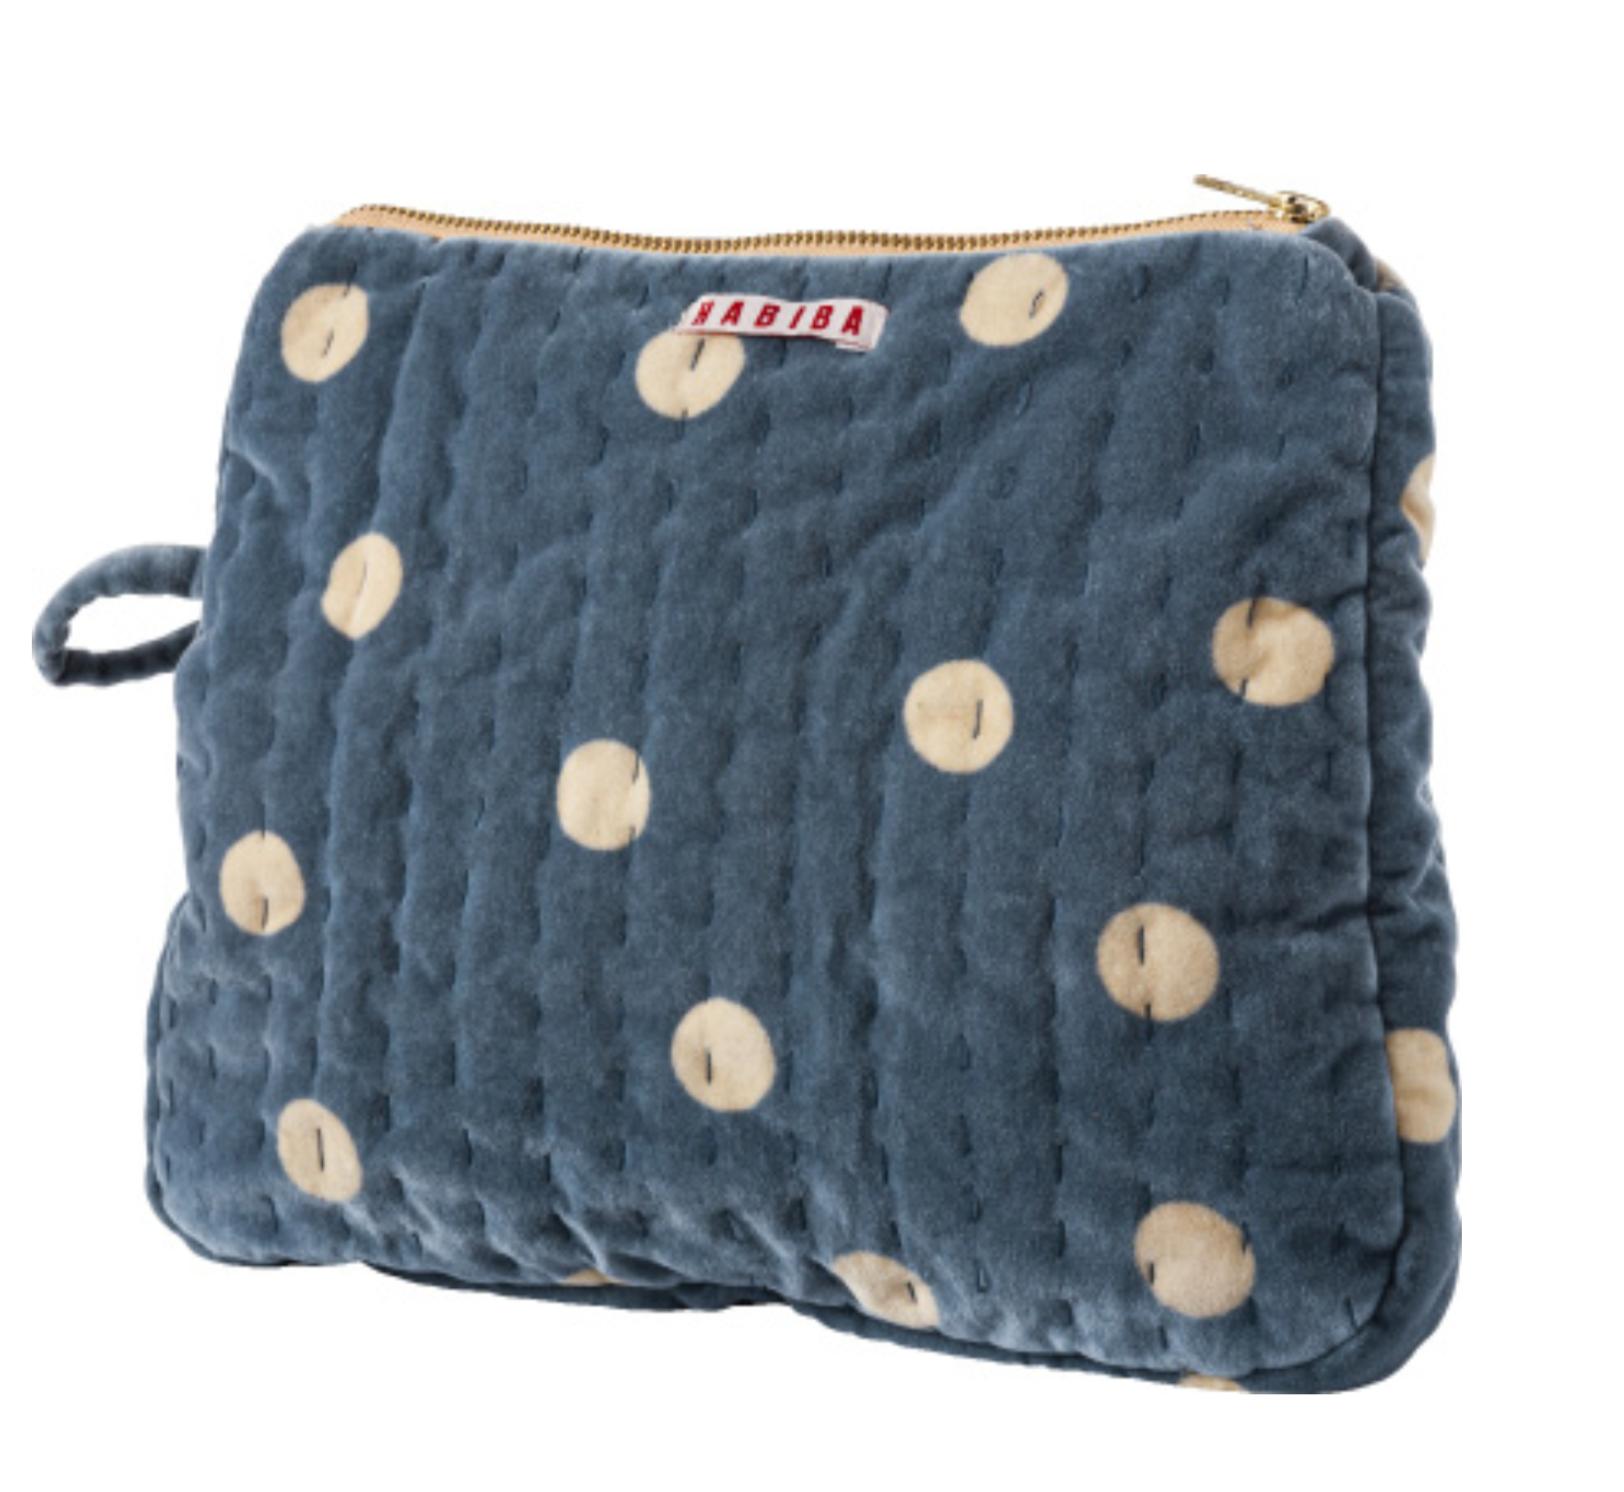 HABIBA - Milla toiletry bag, pastel blue